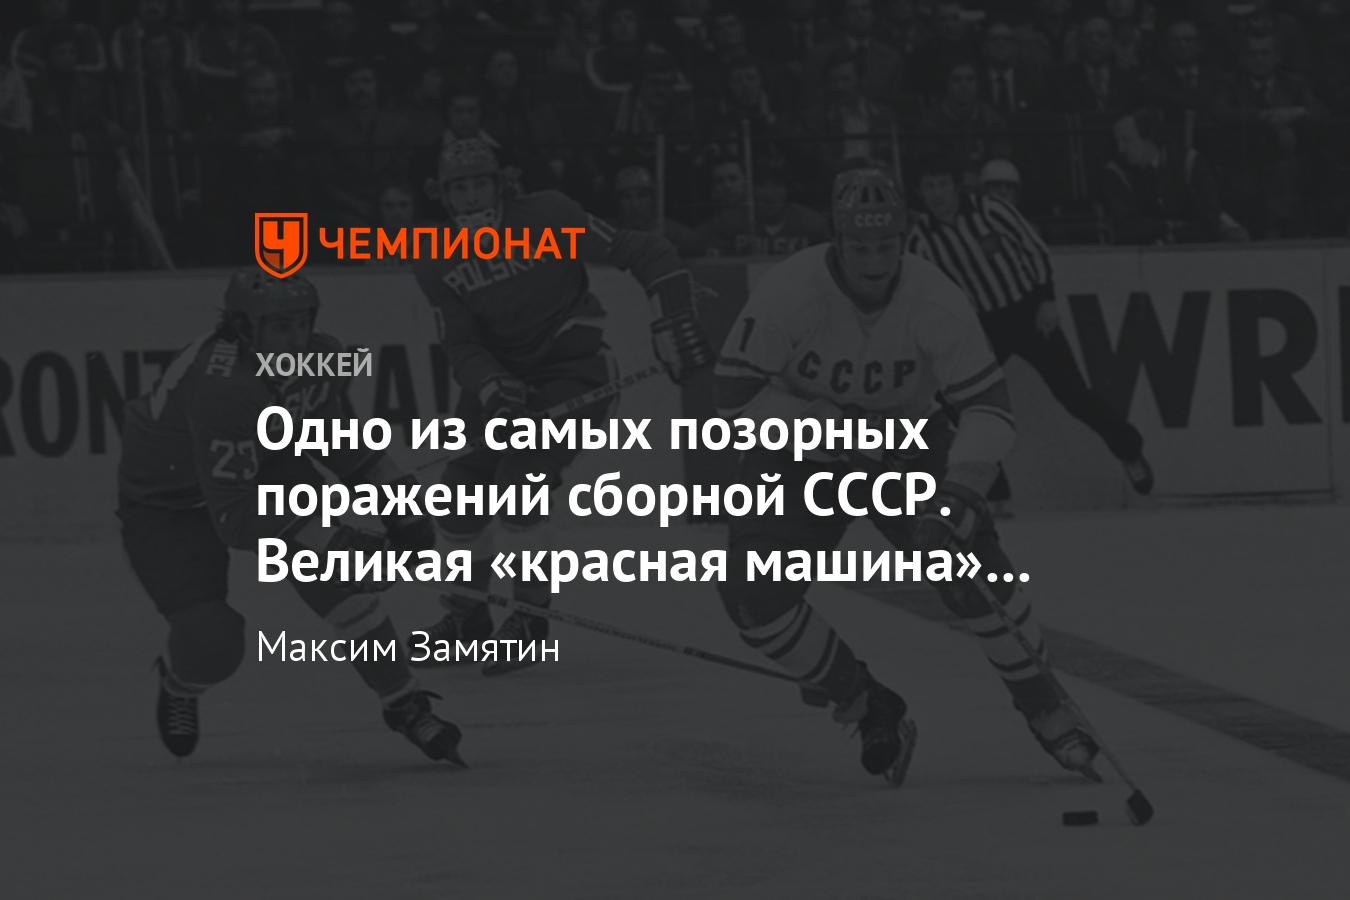 Как хоккеисты обокрали СССР? | Неразгаданные легенды СССР | Яндекс ... | 900x1350